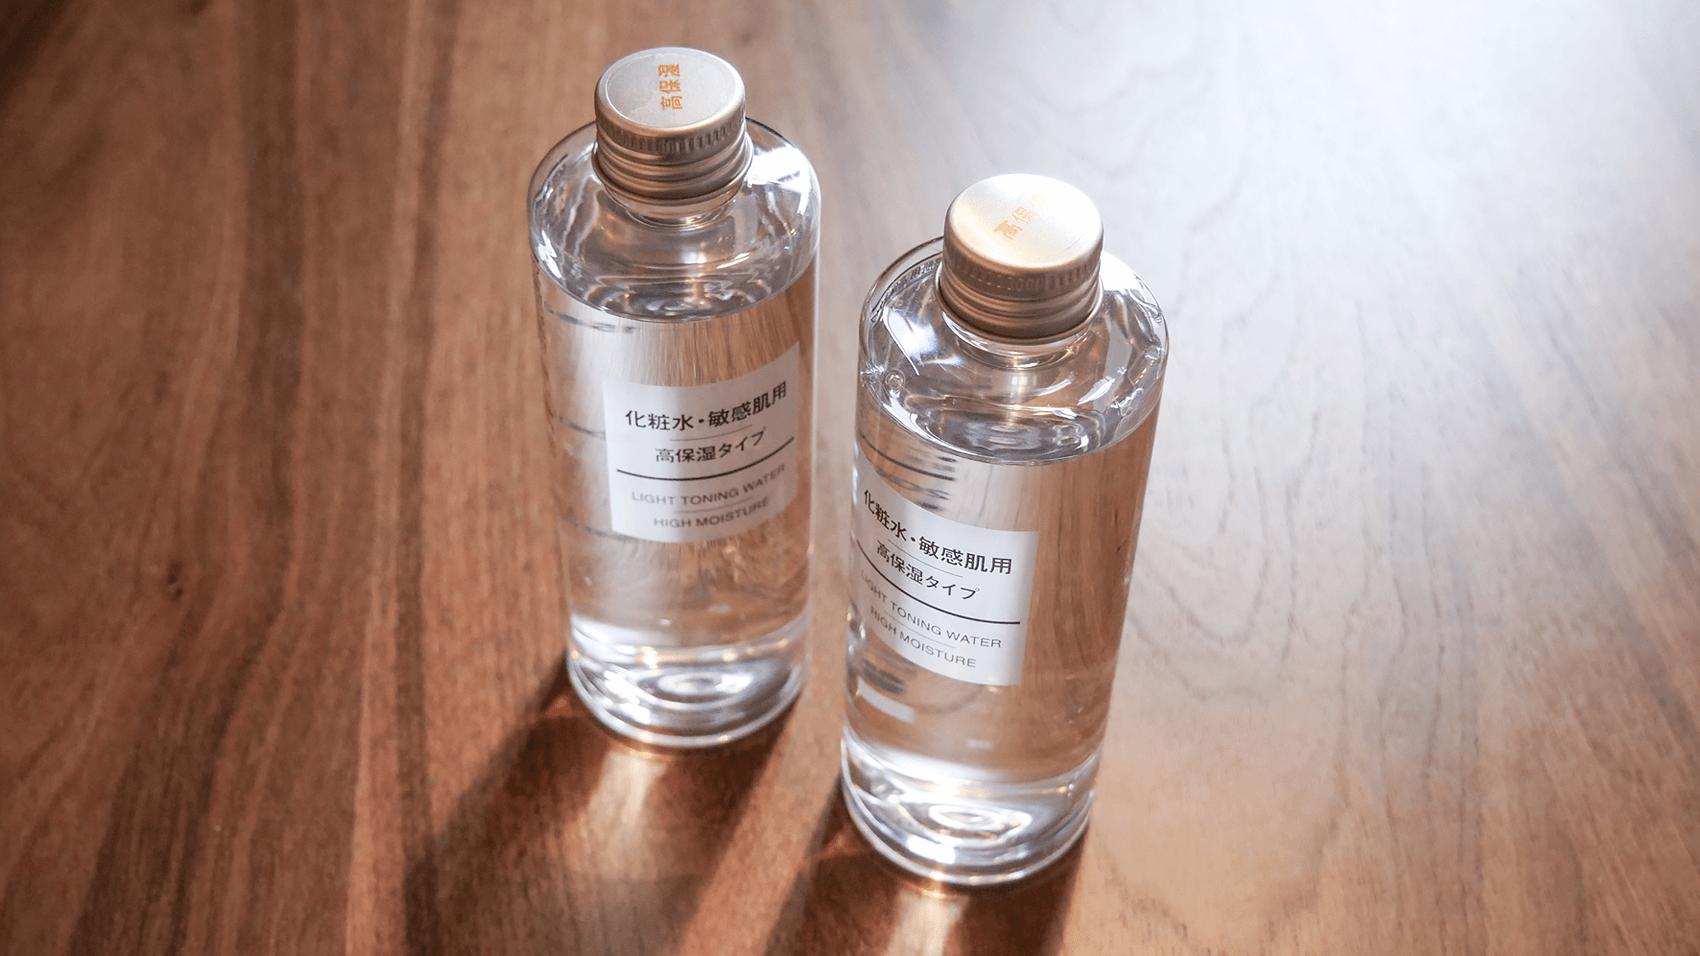 30代男の乾燥性敏感肌対策に、無印良品の化粧水・高保湿タイプが最適!